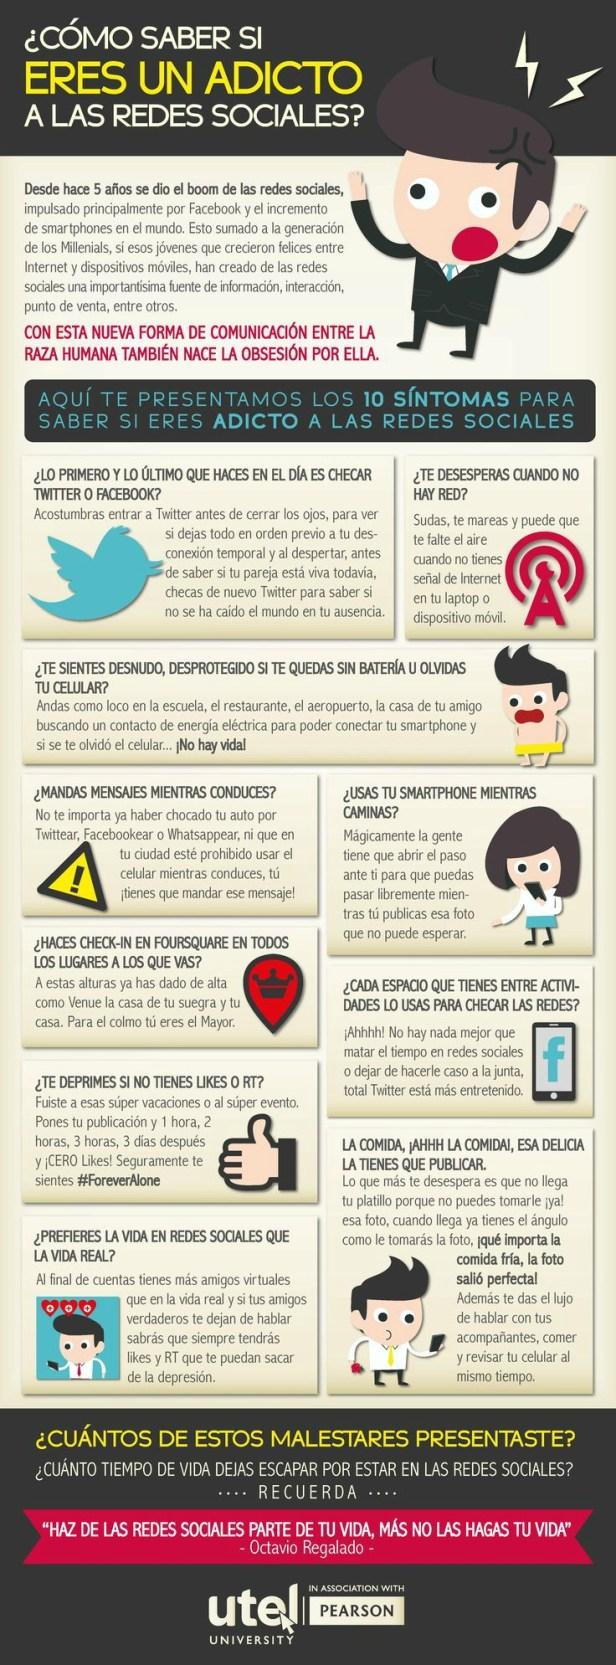 sintomas de addicion a las redes sociales